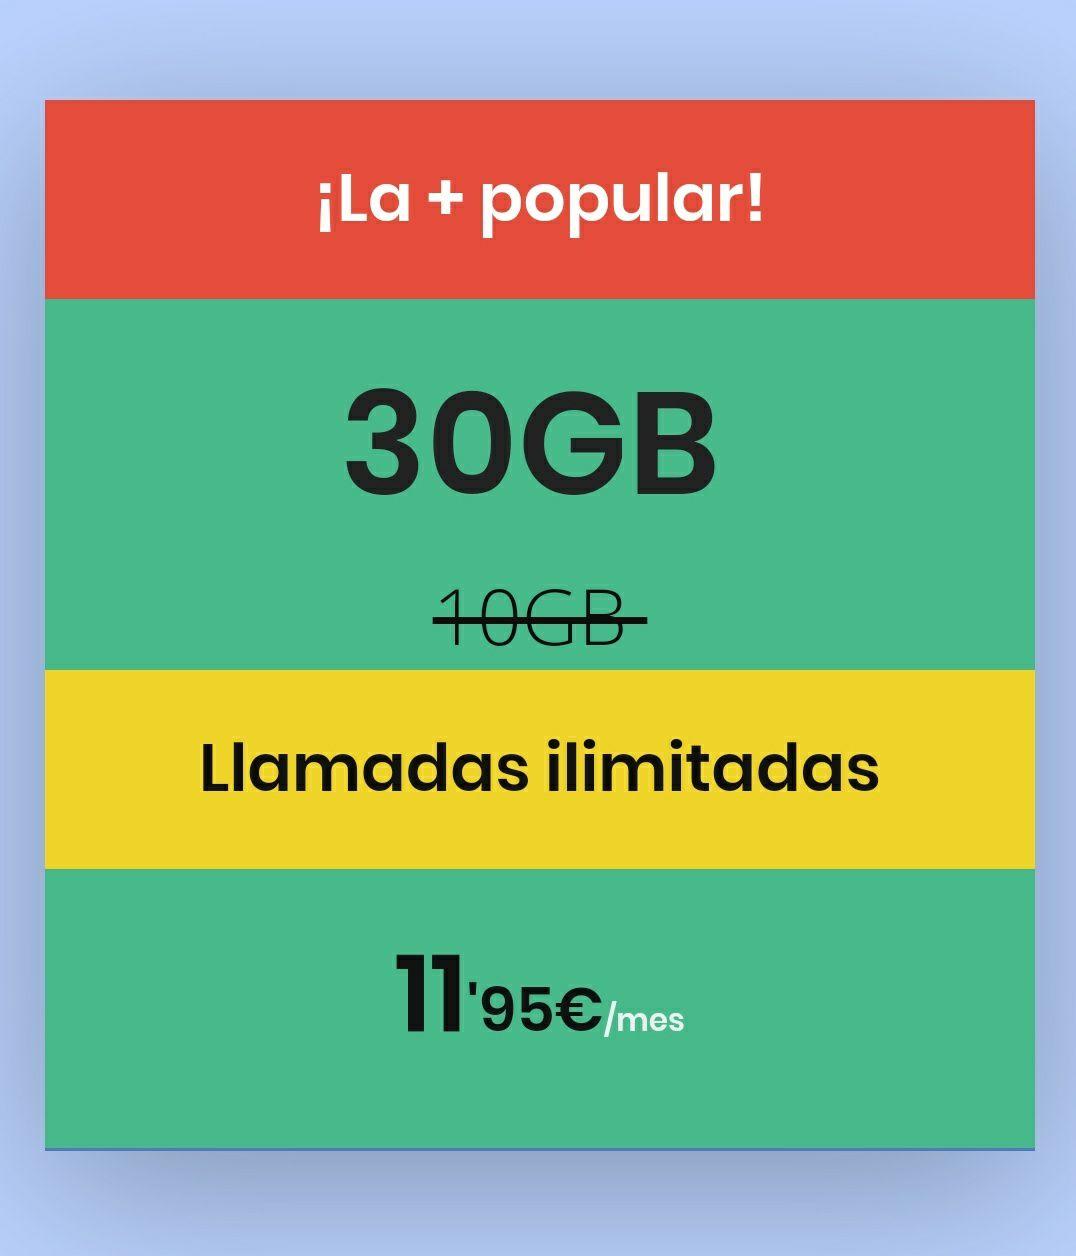 30GB+LLAMADAS ILIMITADAS